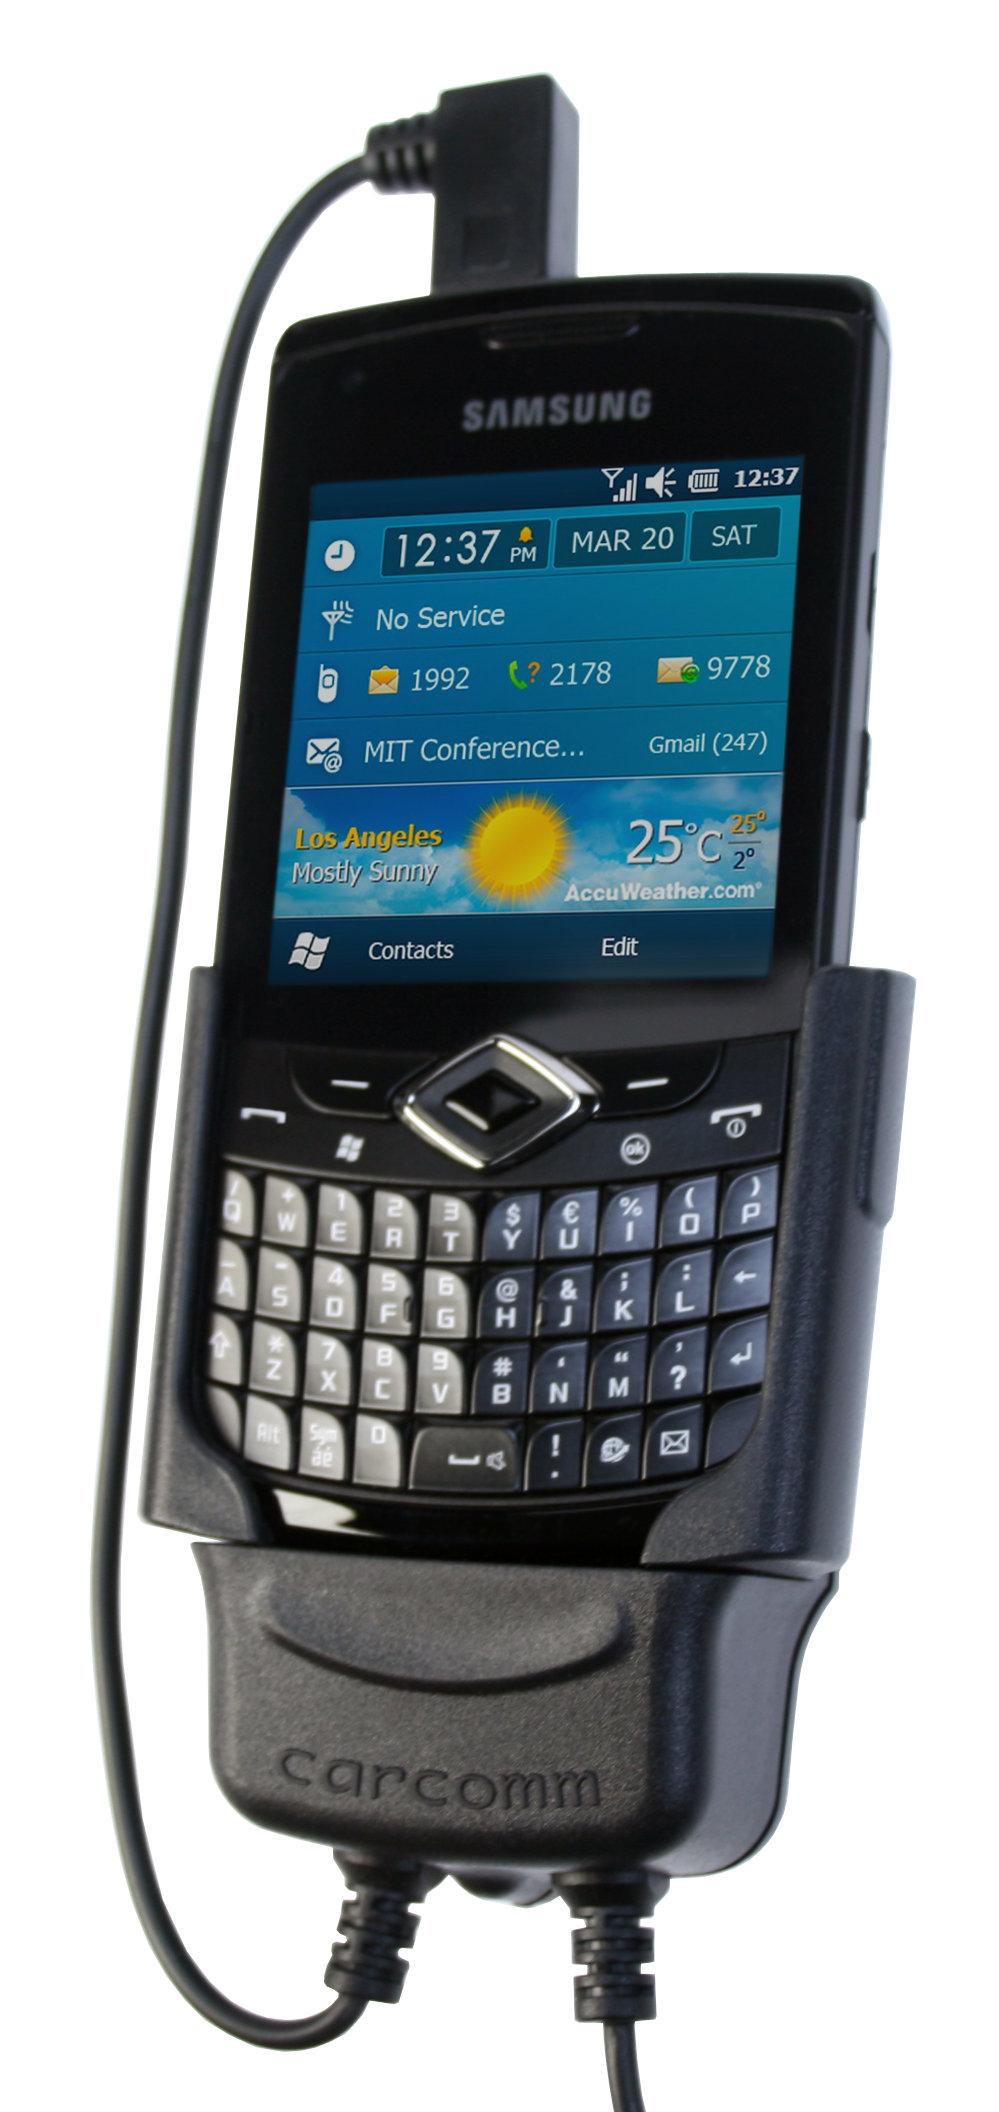 Samsung Gt-b7350 Samsung Gt-b7350 Omnia